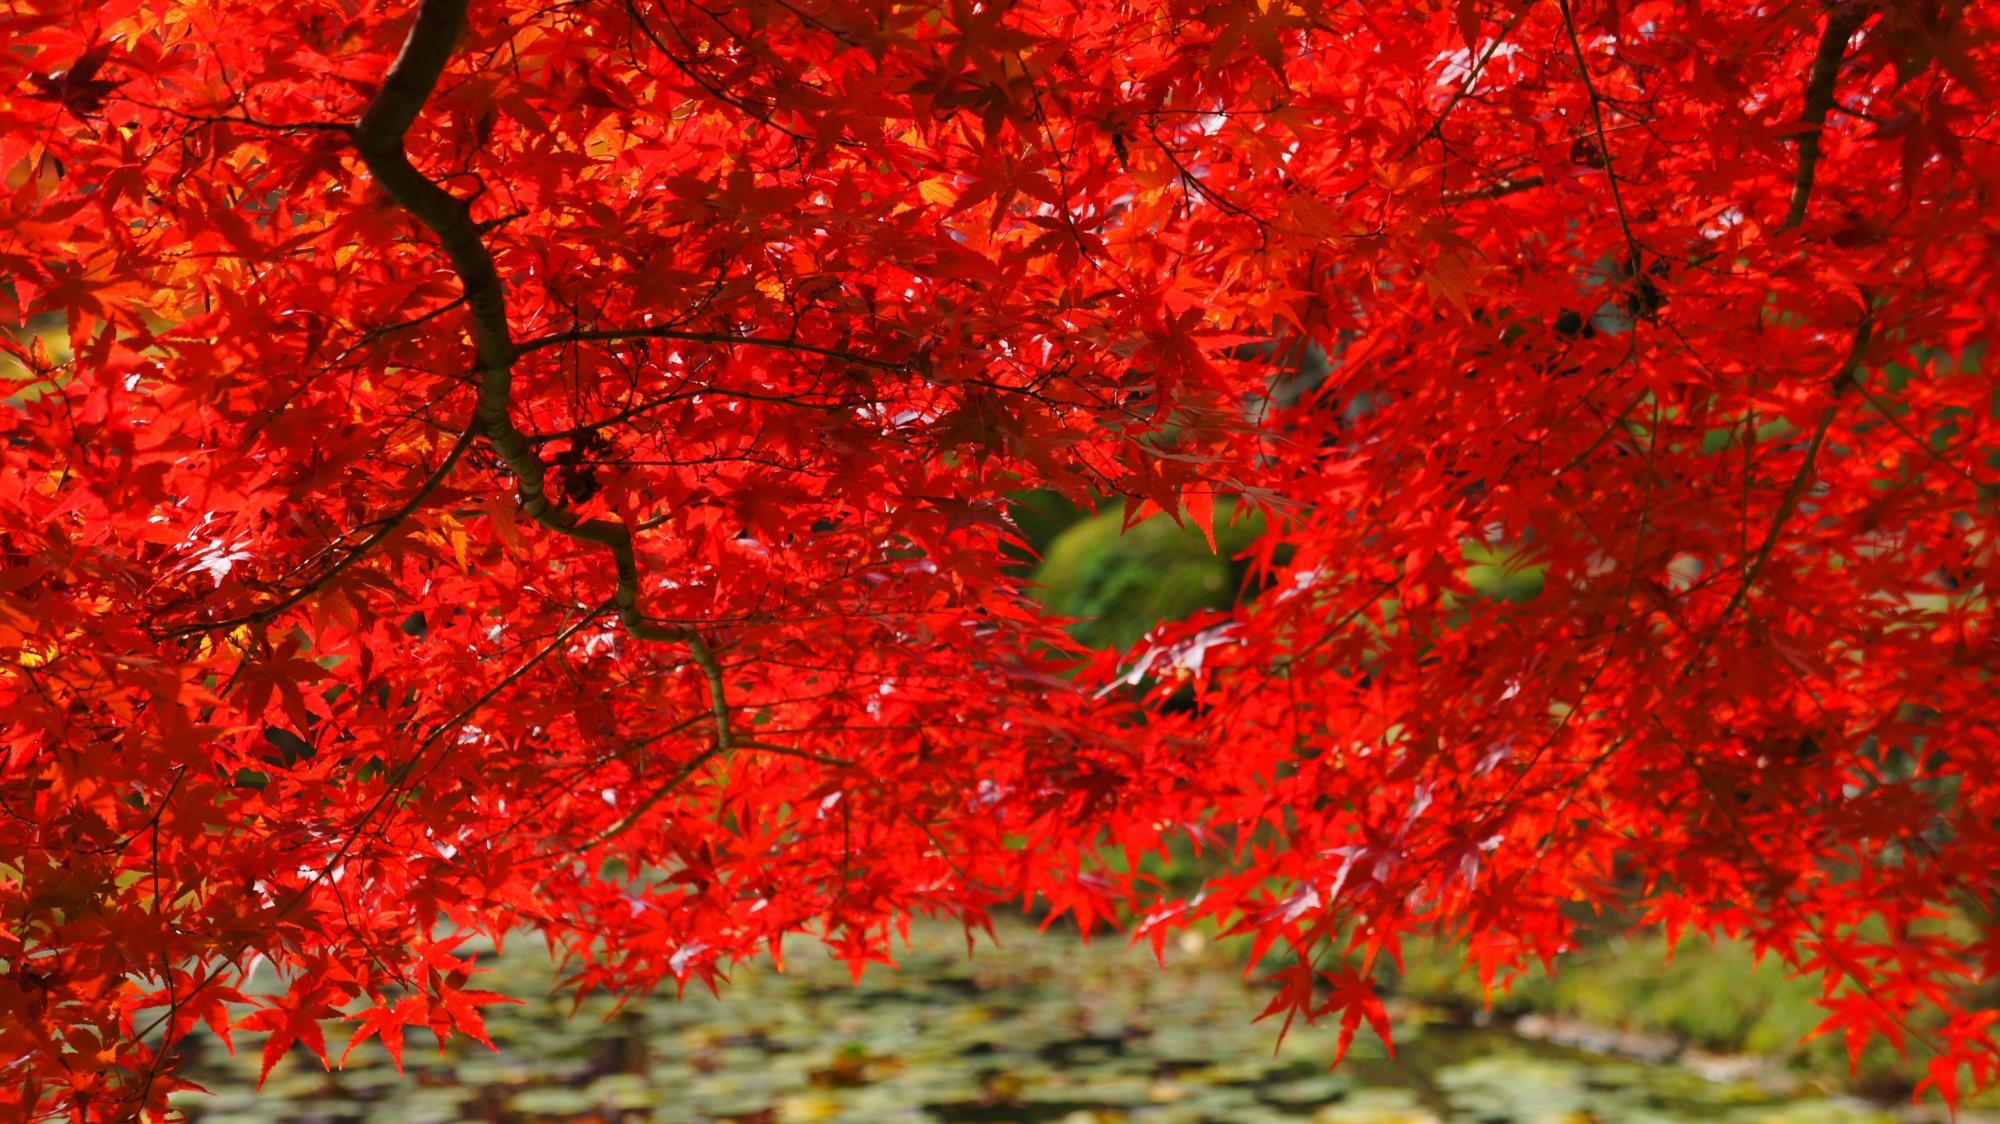 鯉沢の池を覆う煌びやかに輝く赤い紅葉